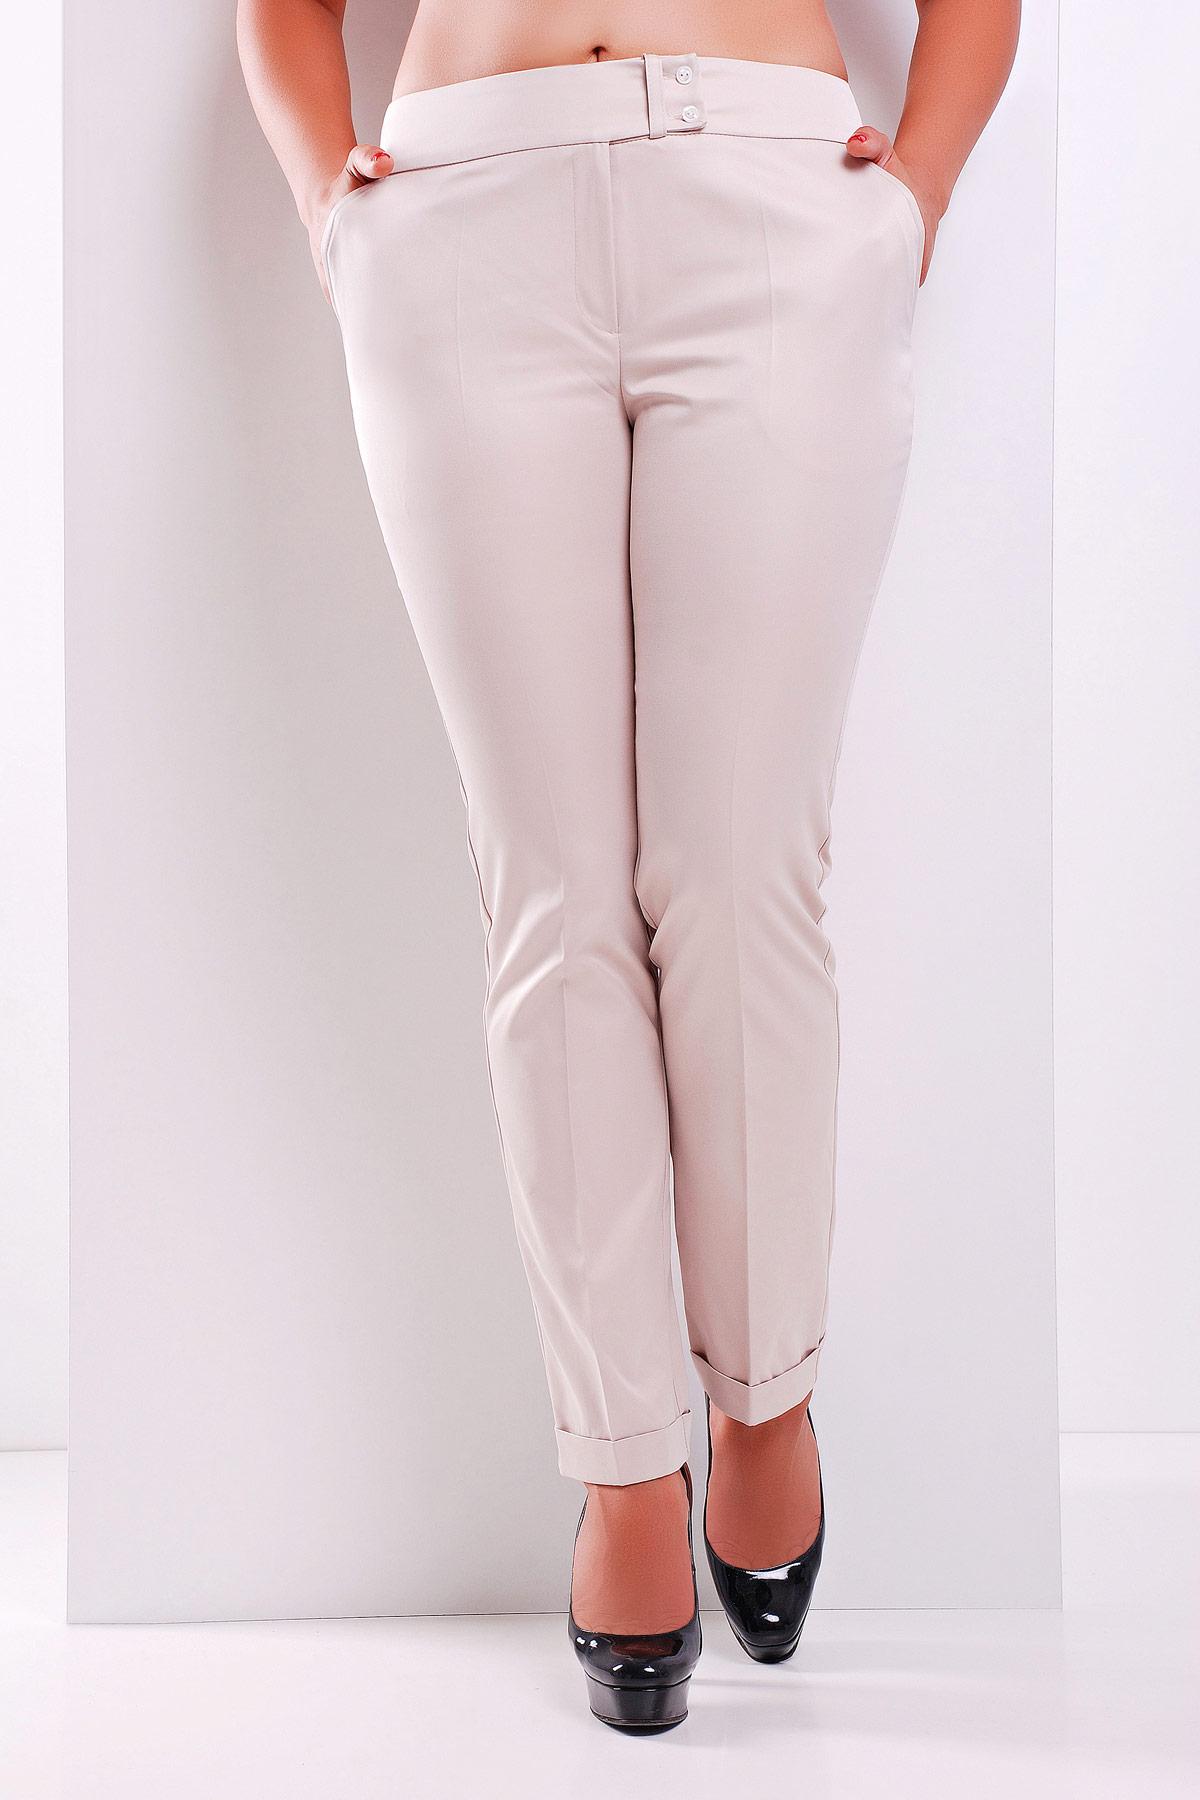 женские светлые брюки больших размеров. брюки Хилори-Б. Цвет: св. бежевый